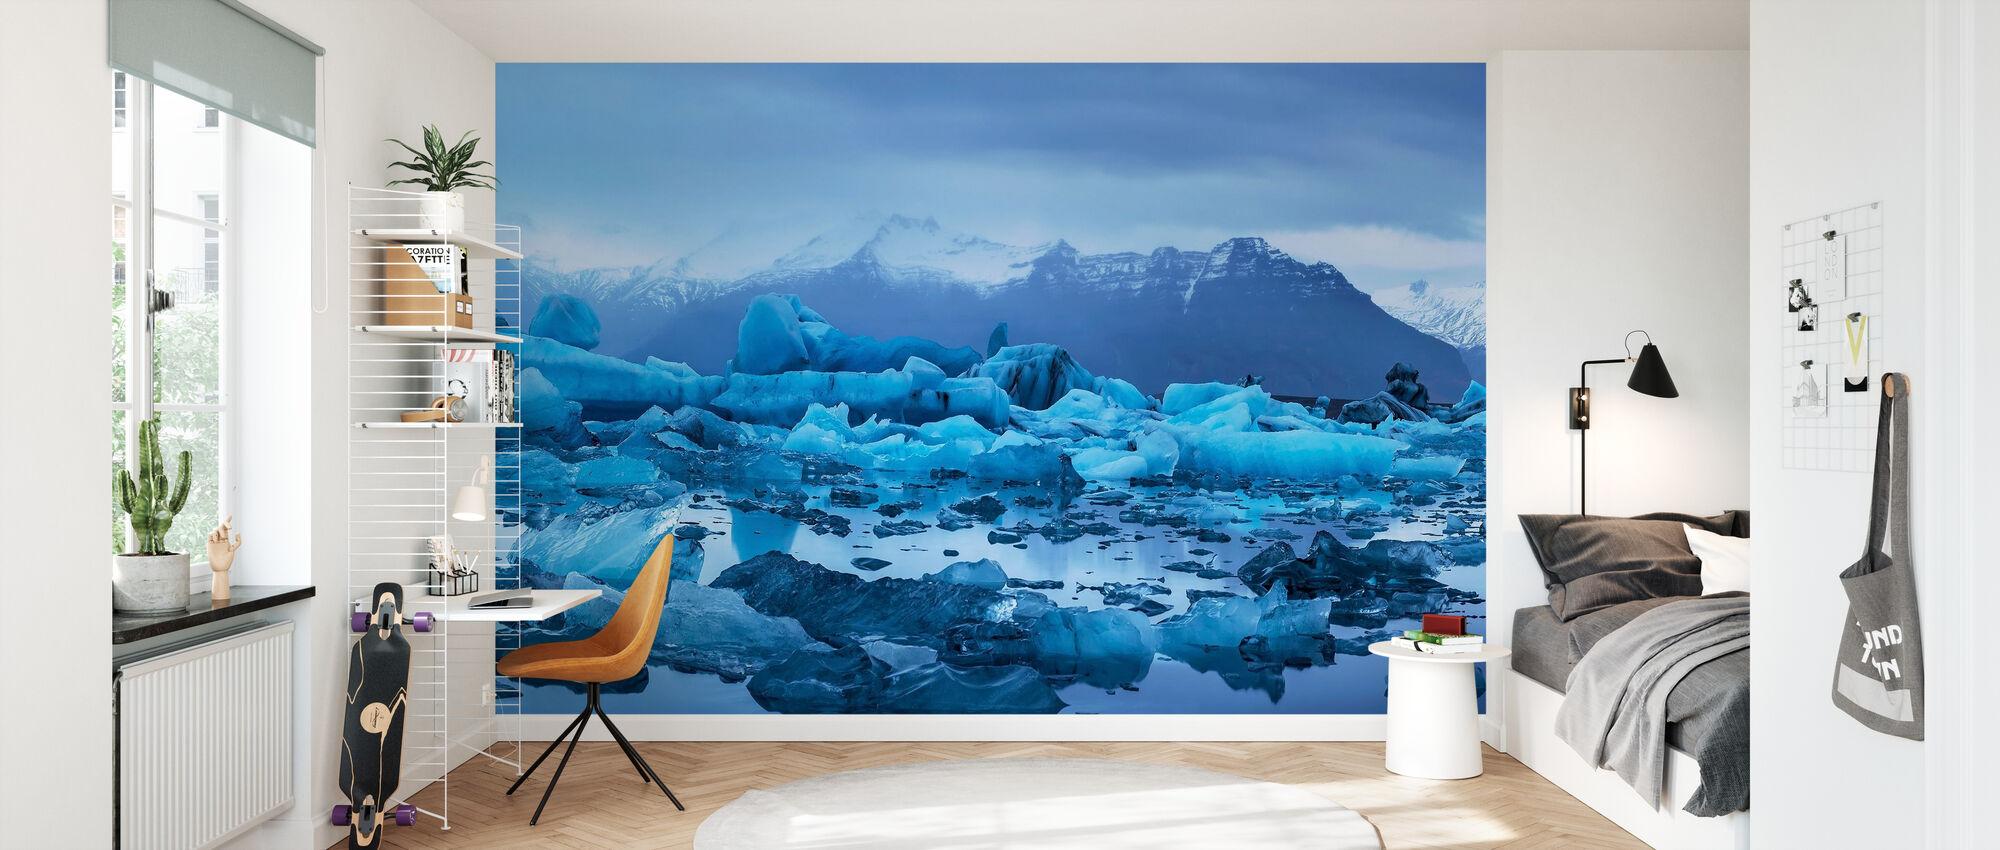 Light of Iceland - Wallpaper - Kids Room